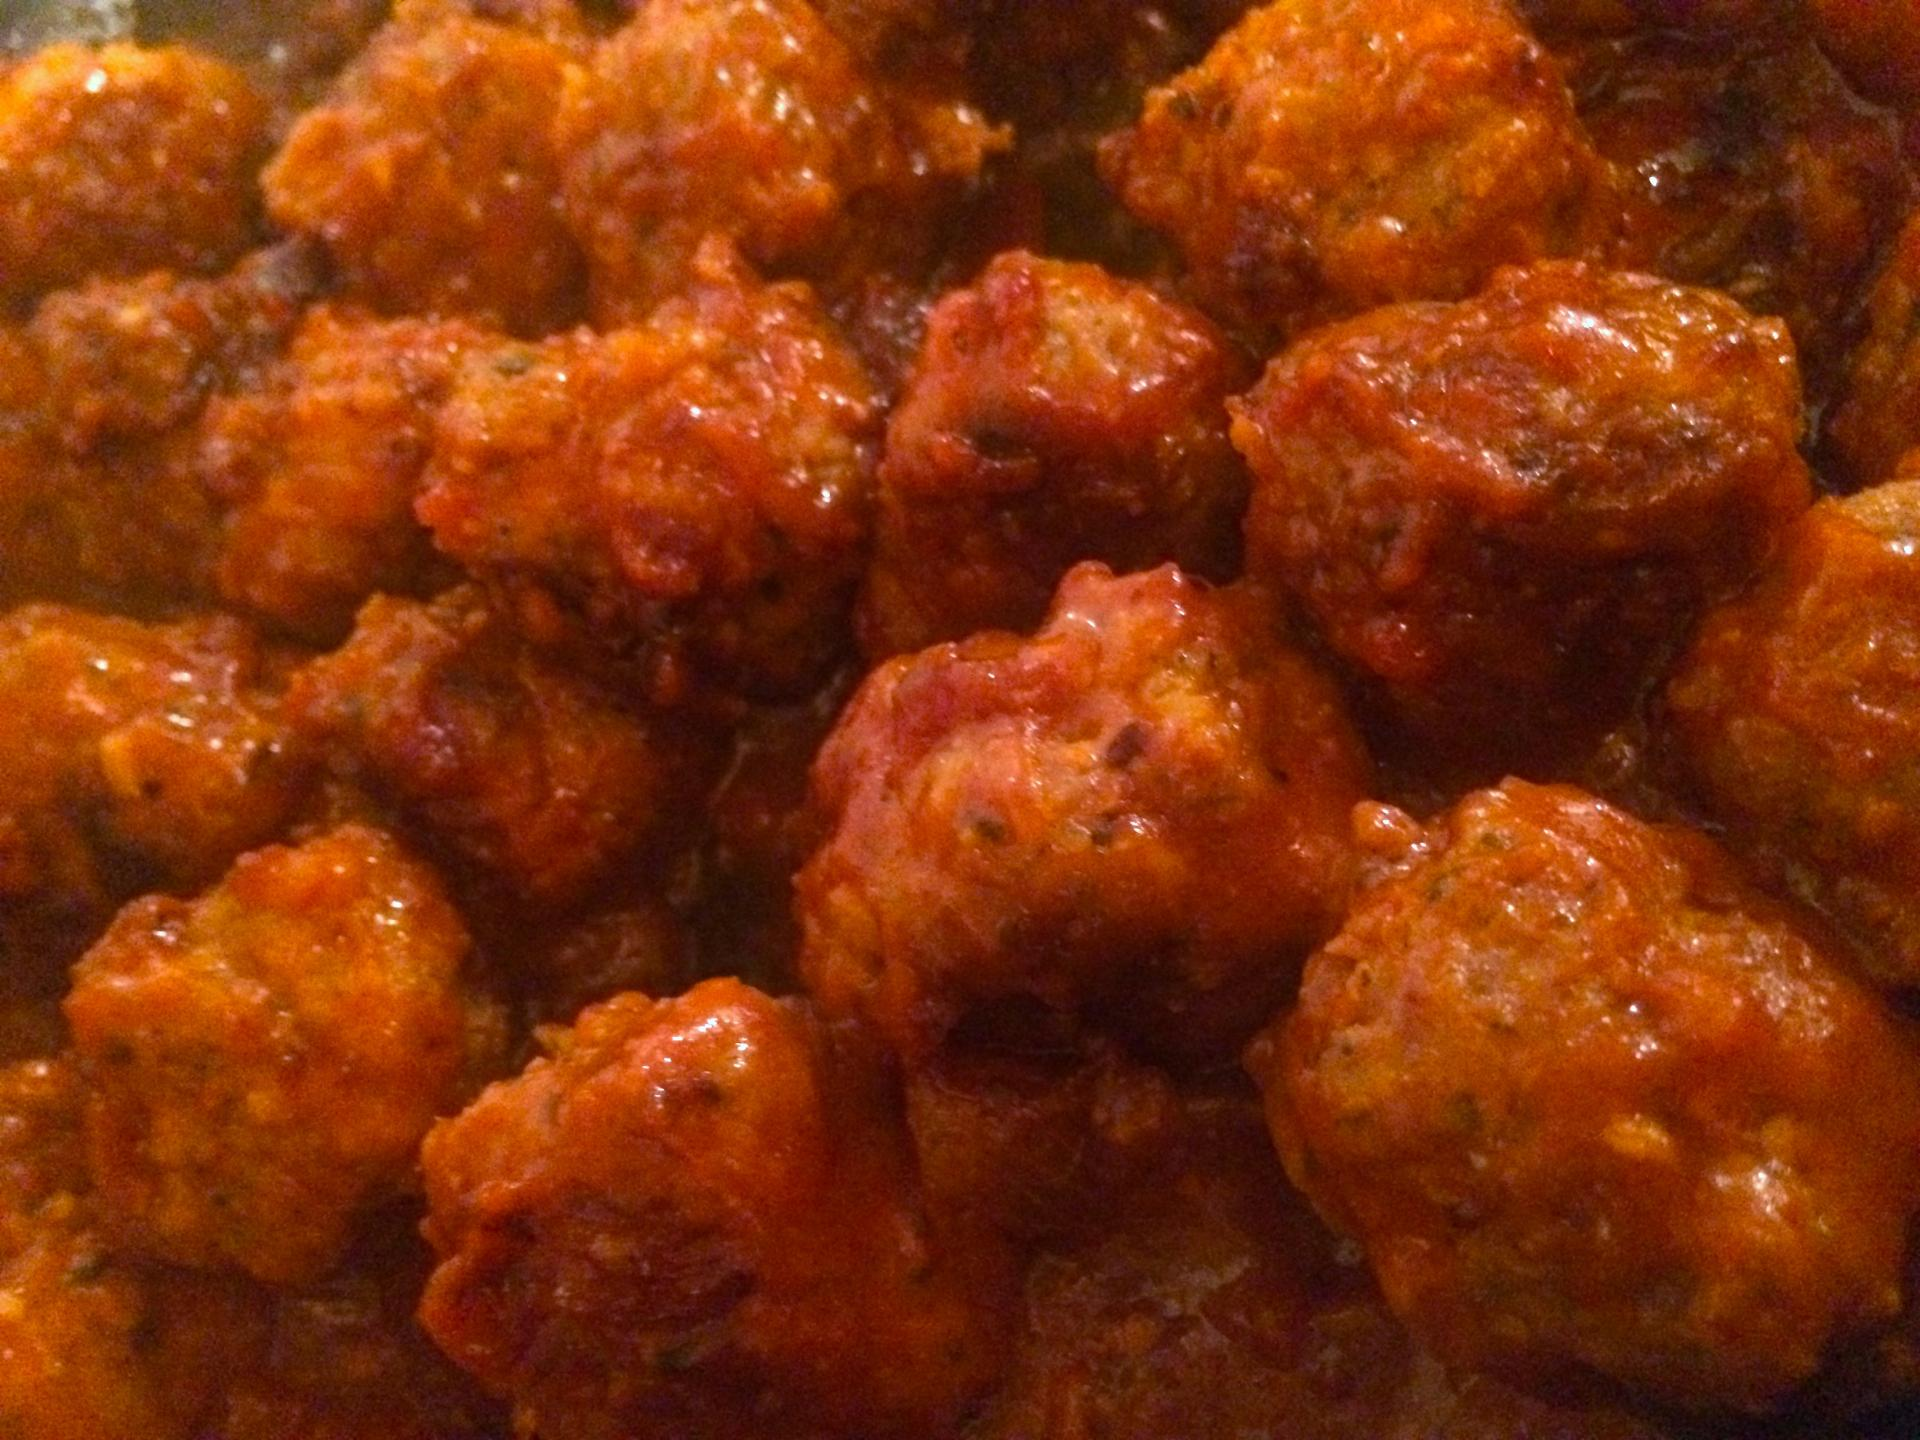 boulettes onctueuses à la sauce tomate